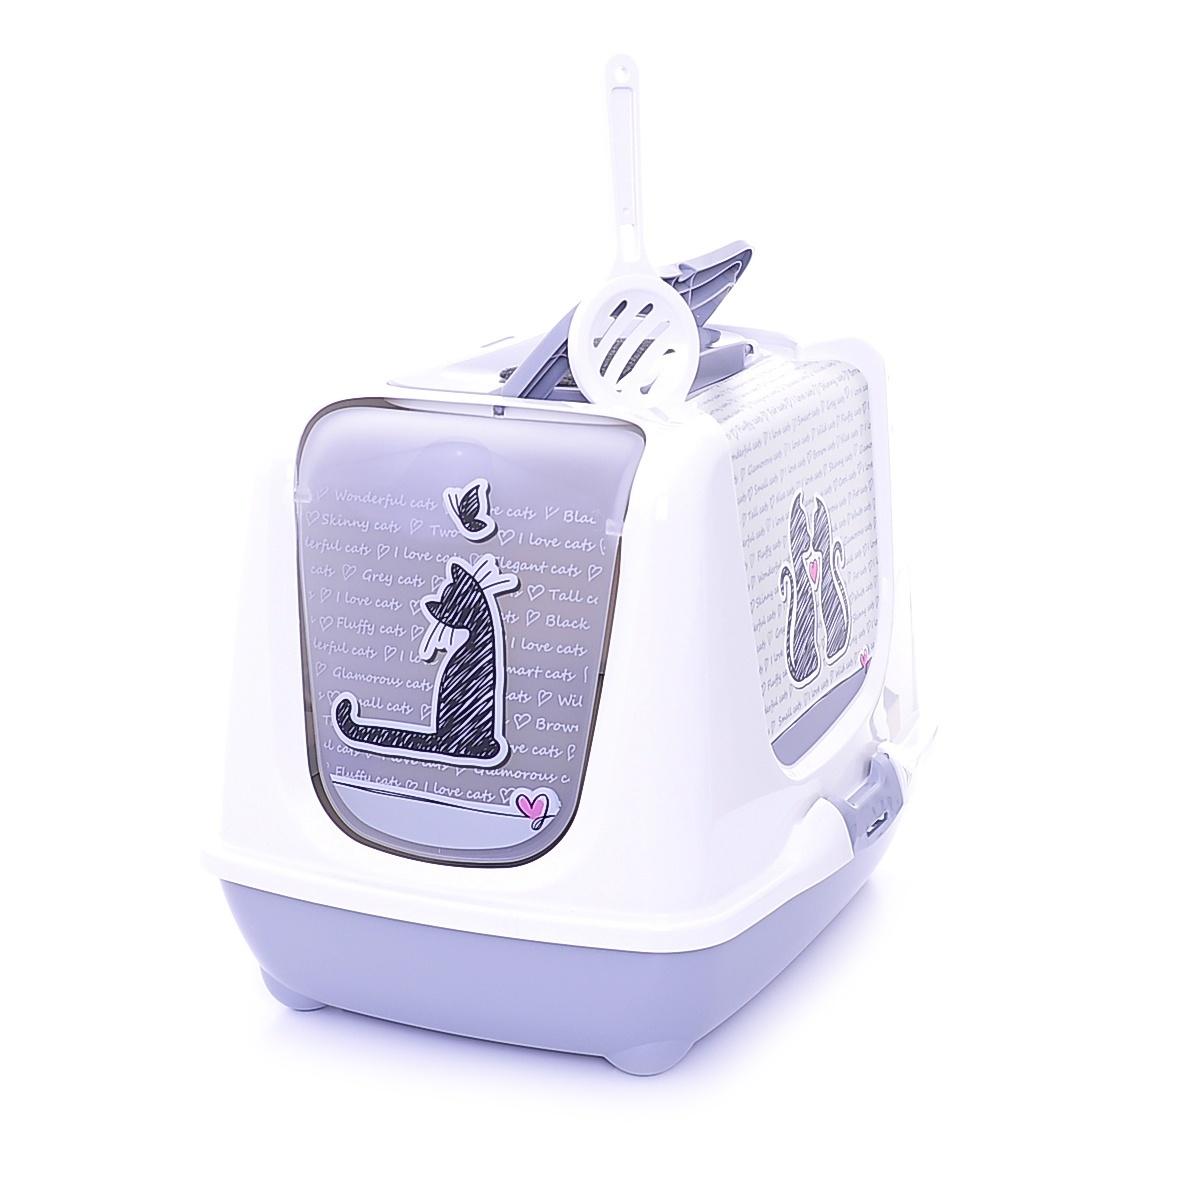 moderna Moderna Туалет-домик Trendy cat с угольным фильтром и совком, 57х45х43, Влюбленные коты 20496